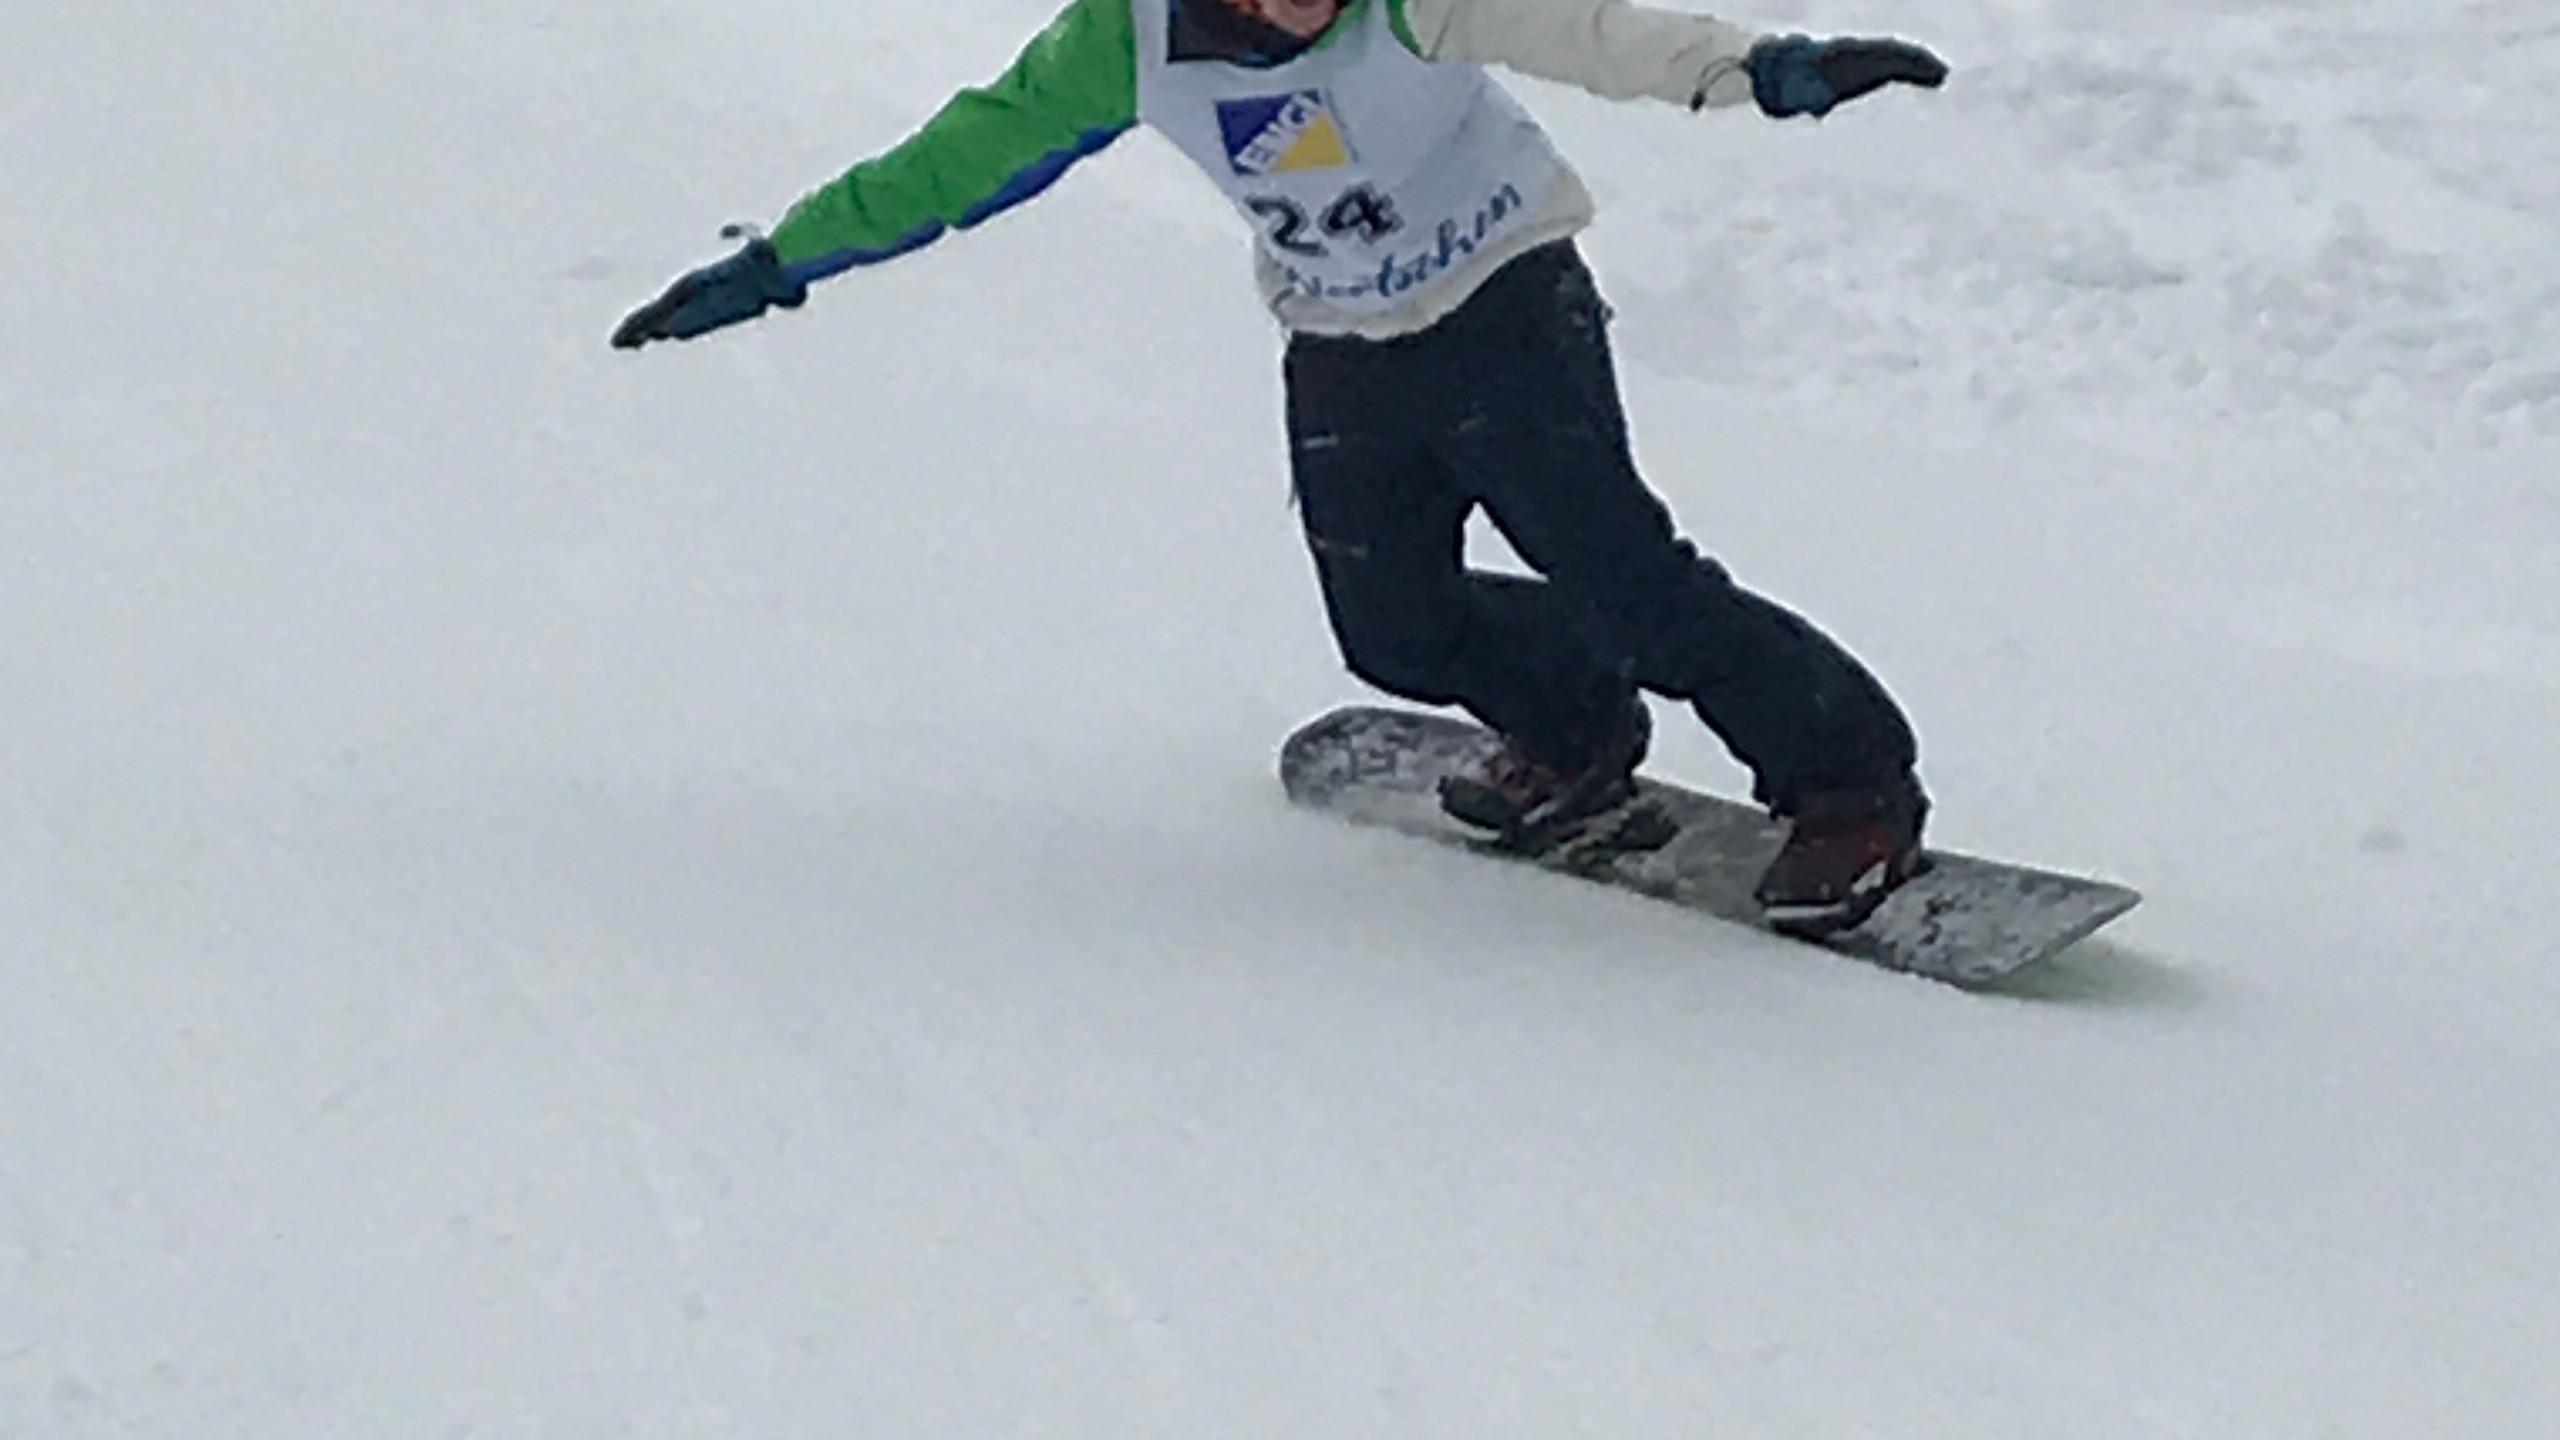 Snowboardrennen